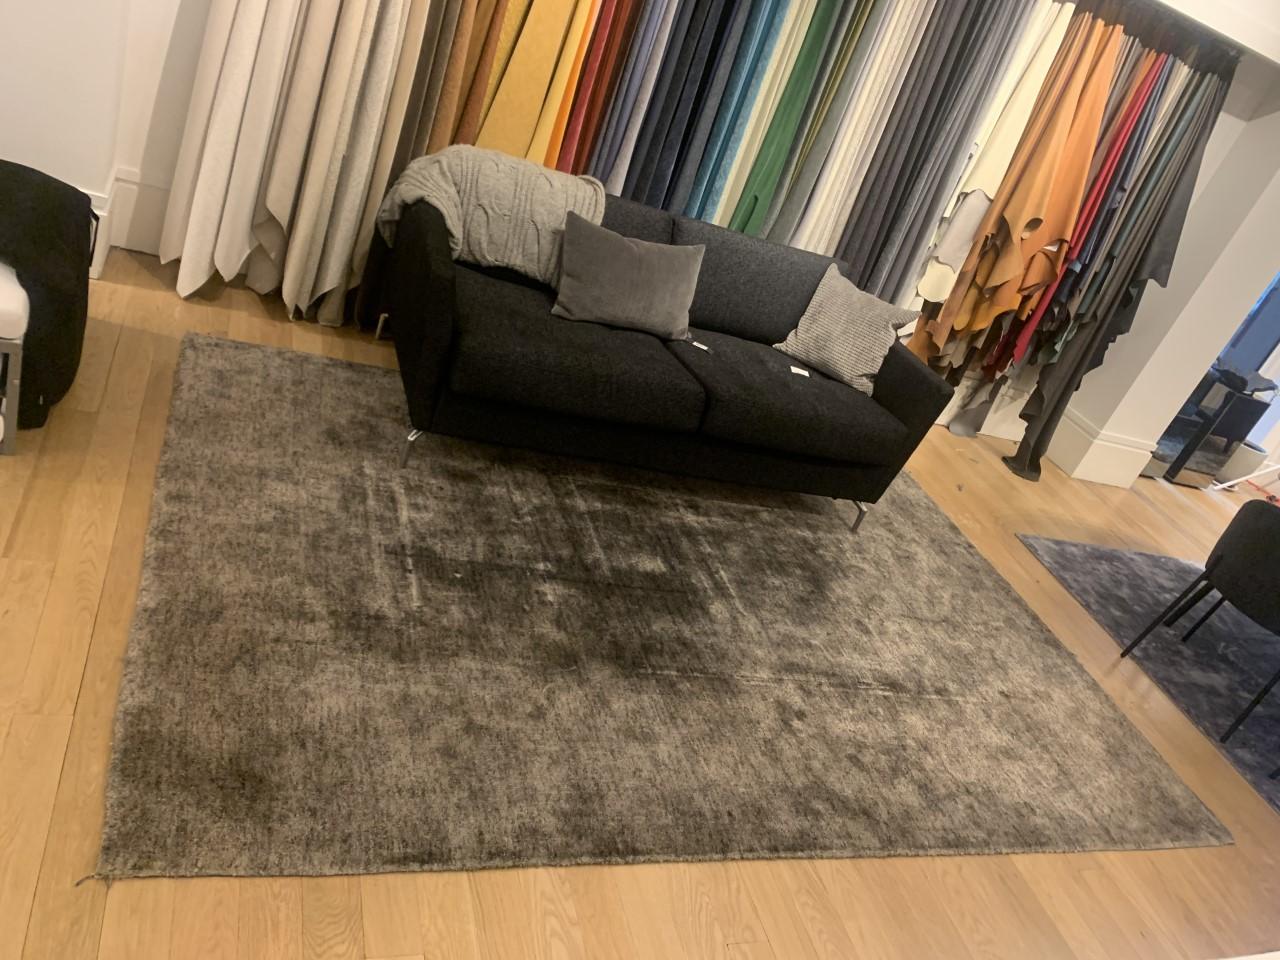 Plaza rug